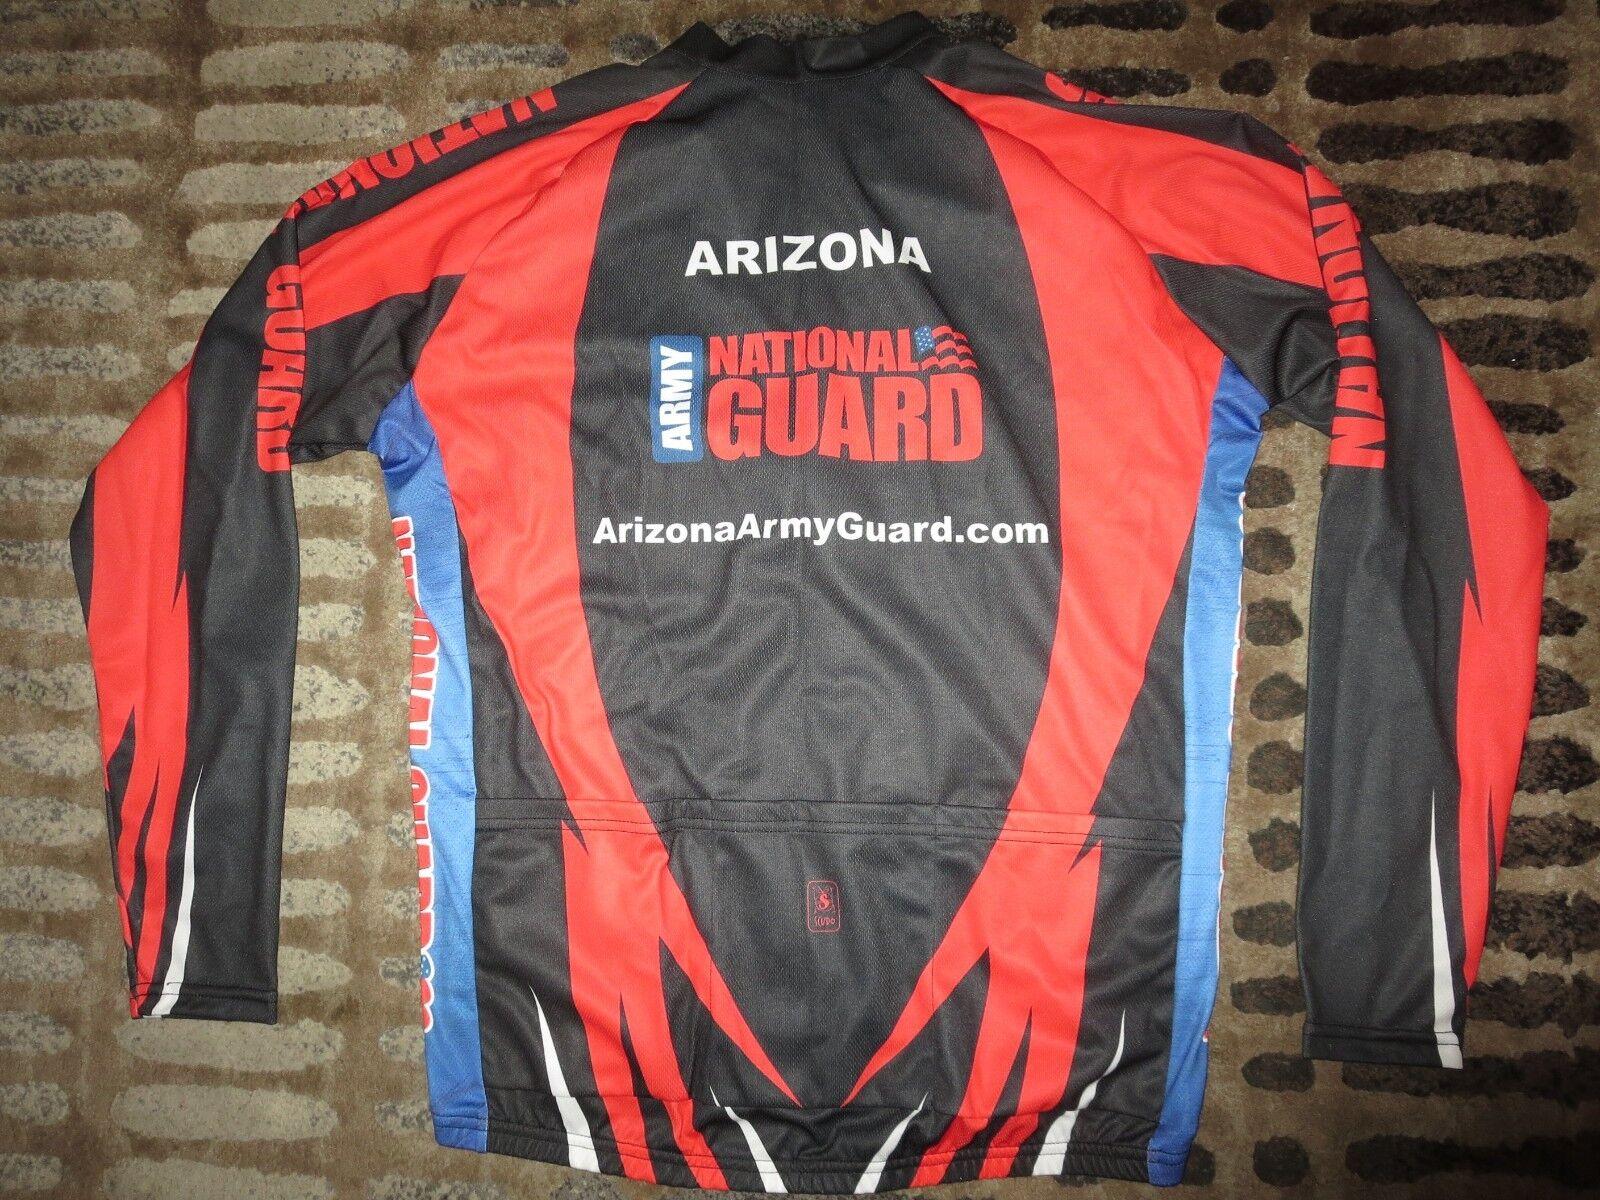 Us Army Army Army Nazionale Prossoezione Arizona Ciclismo Squadra Scudo Maglia XL Da 3b210e